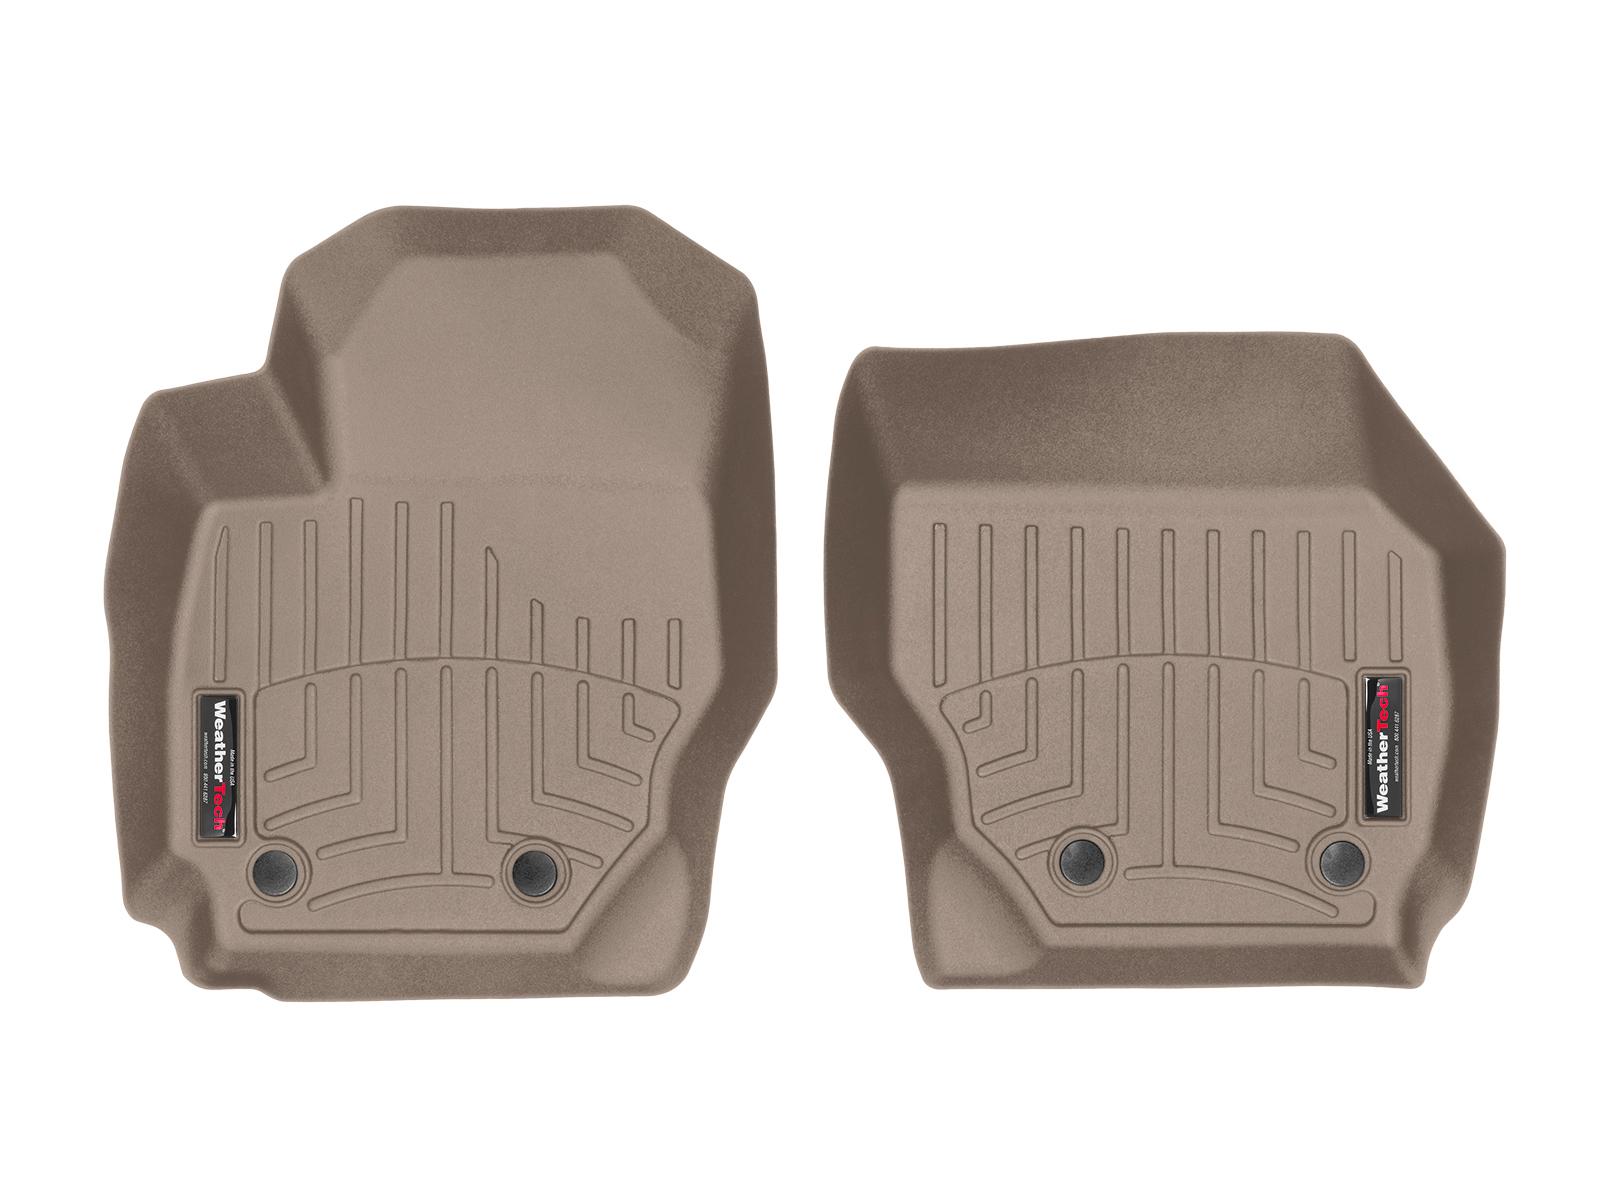 Tappeti gomma su misura bordo alto Volvo XC70 07>07 Marrone A4427*